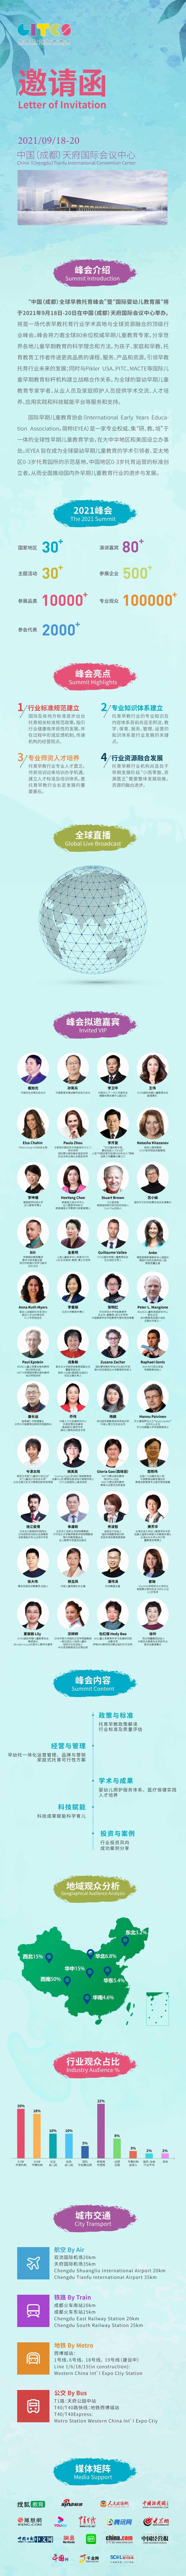 2021全球早教托育峰会暨国际婴幼儿教育展